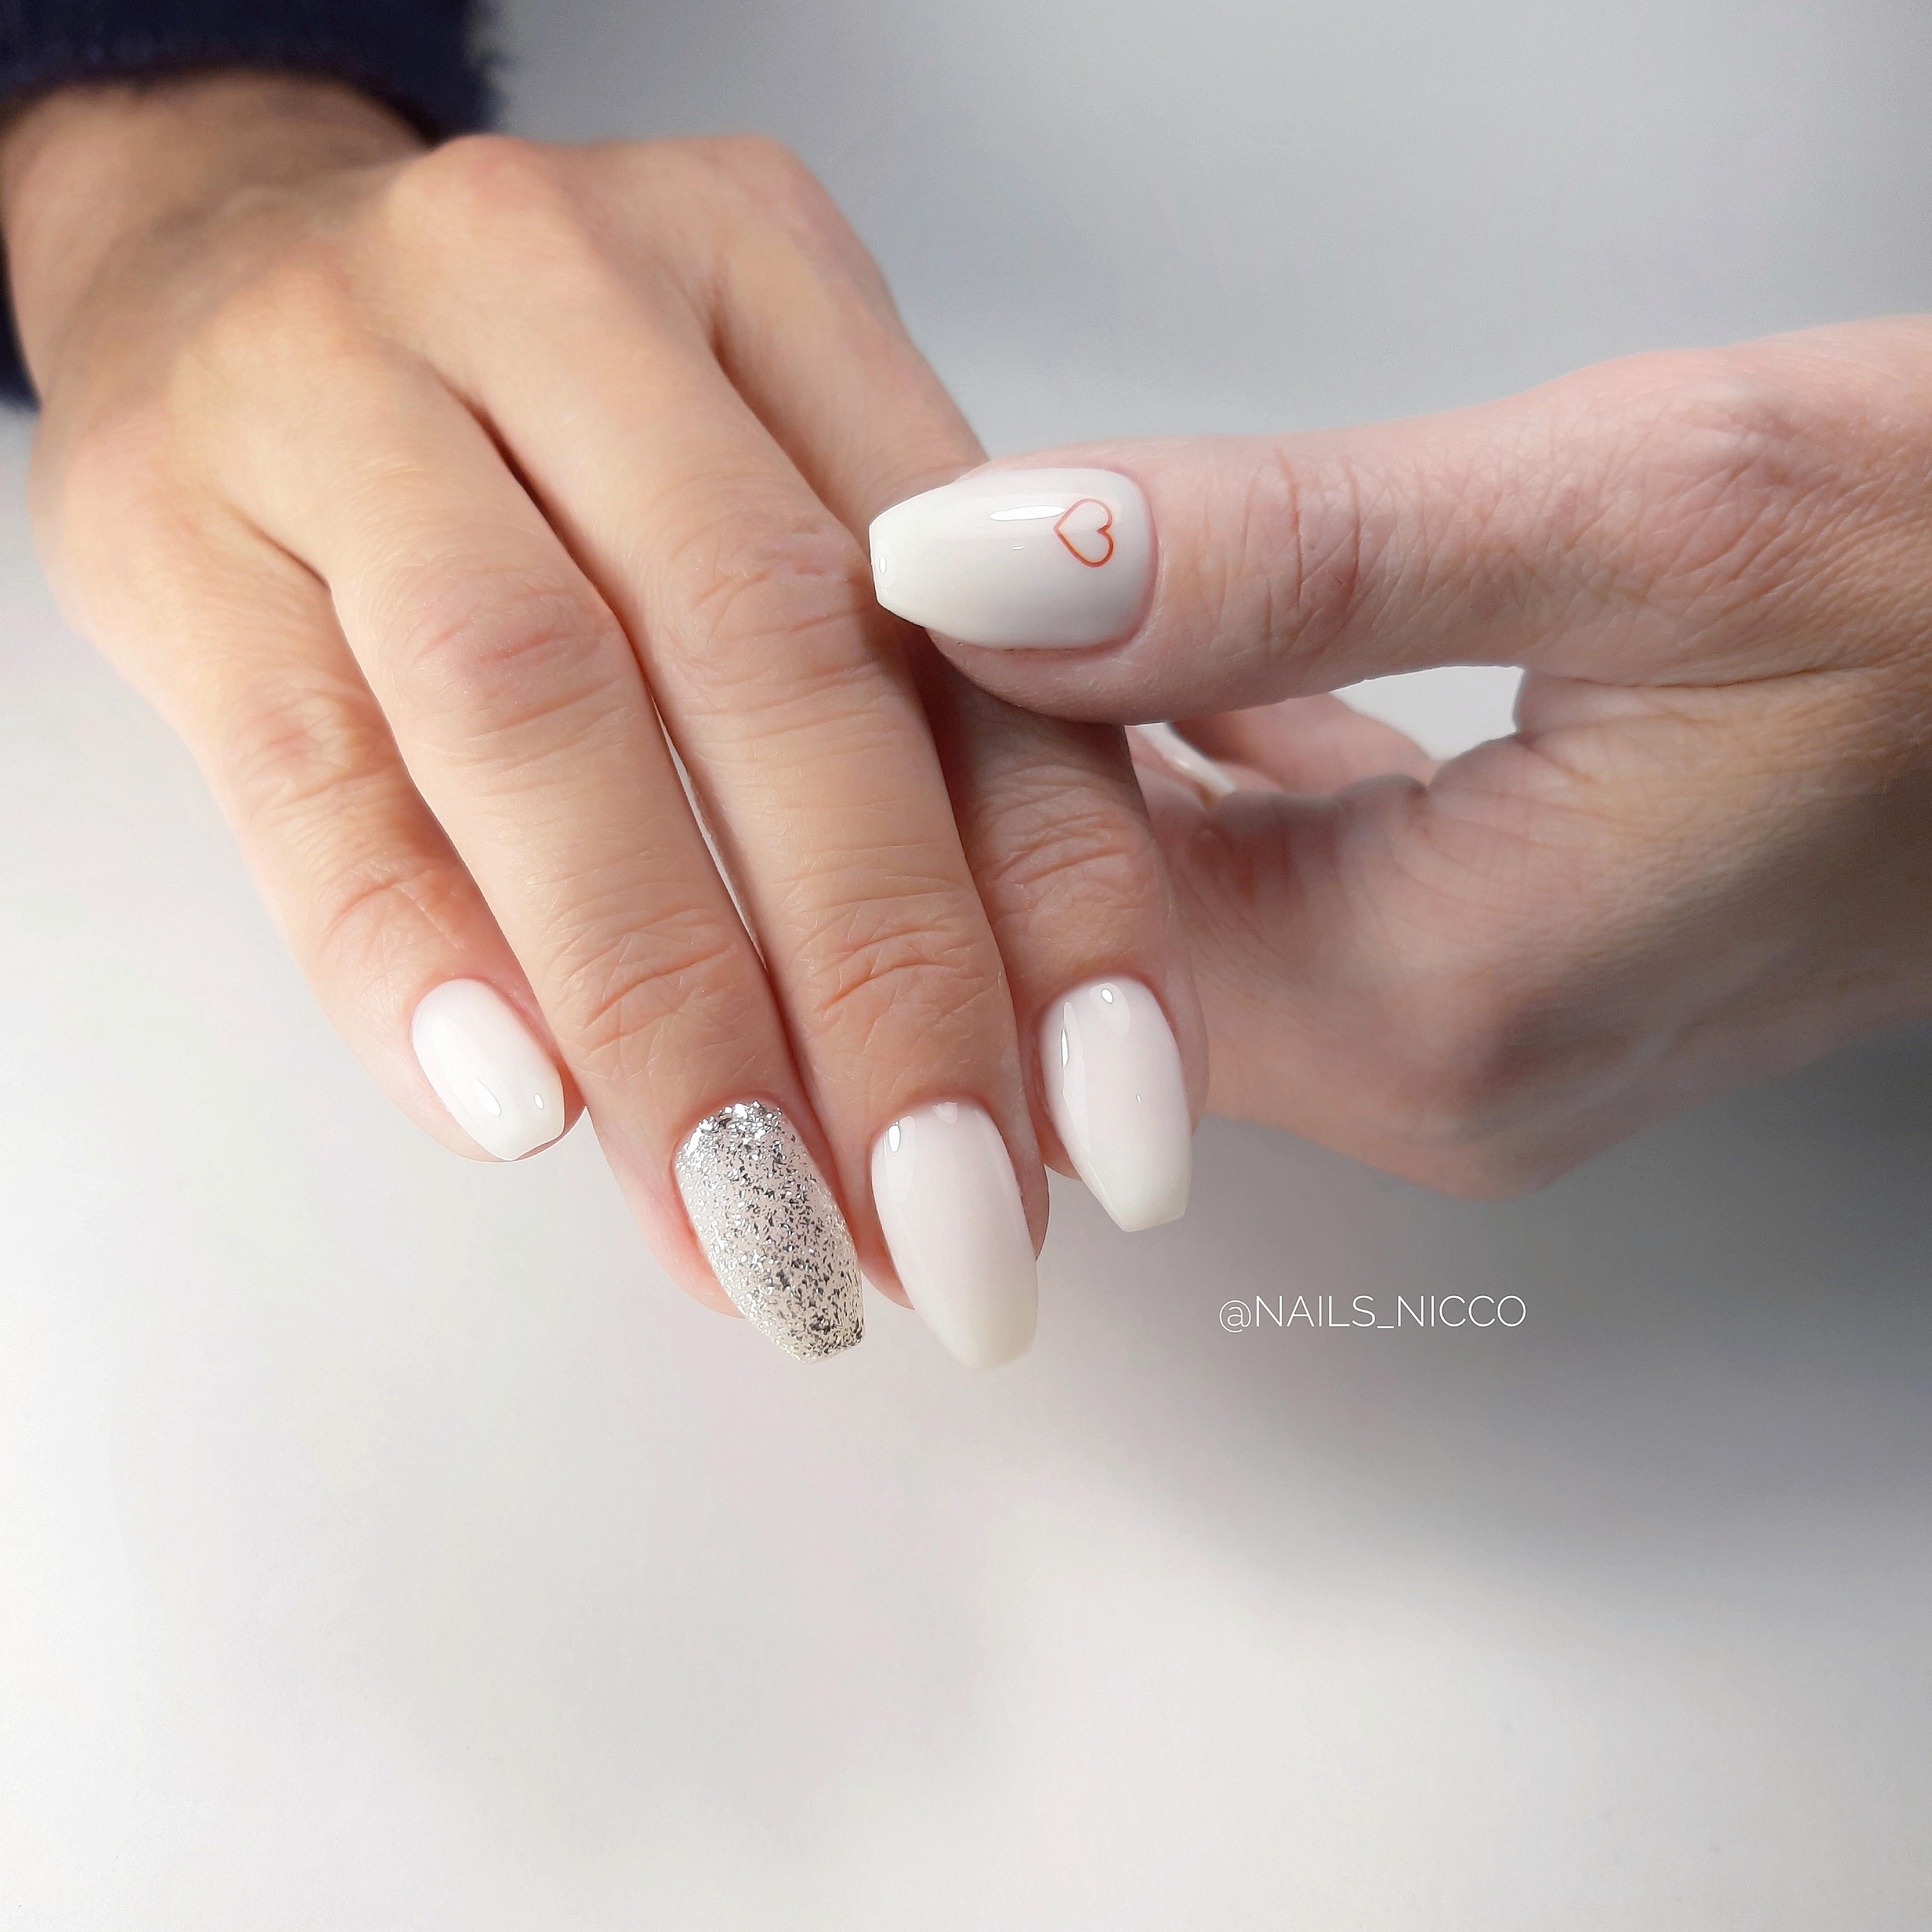 Маникюр с серебряными блестками в молочном цвете на длинные ногти.